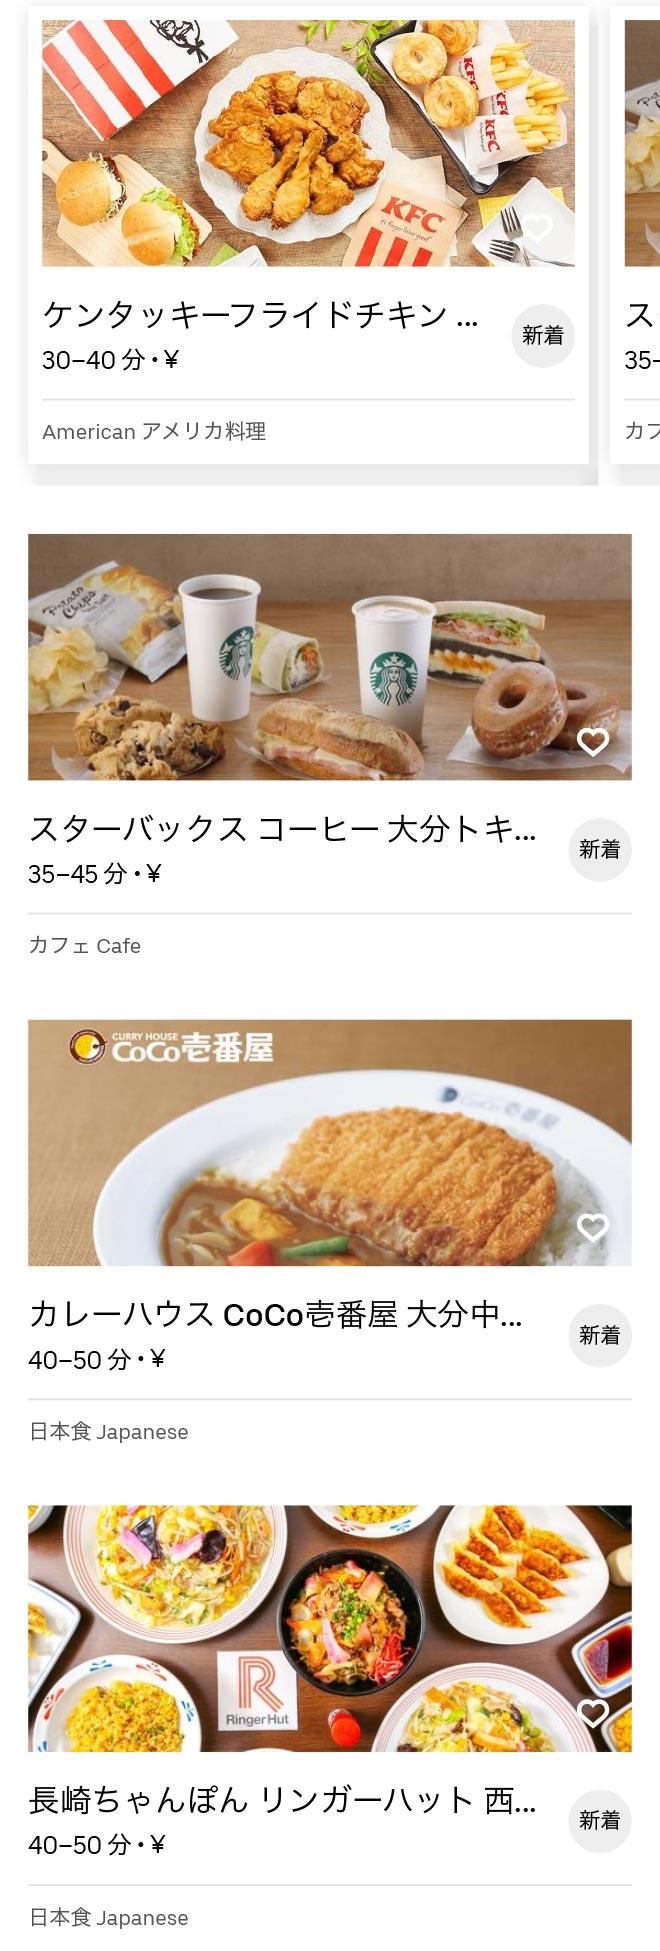 Oita menu 2008 01